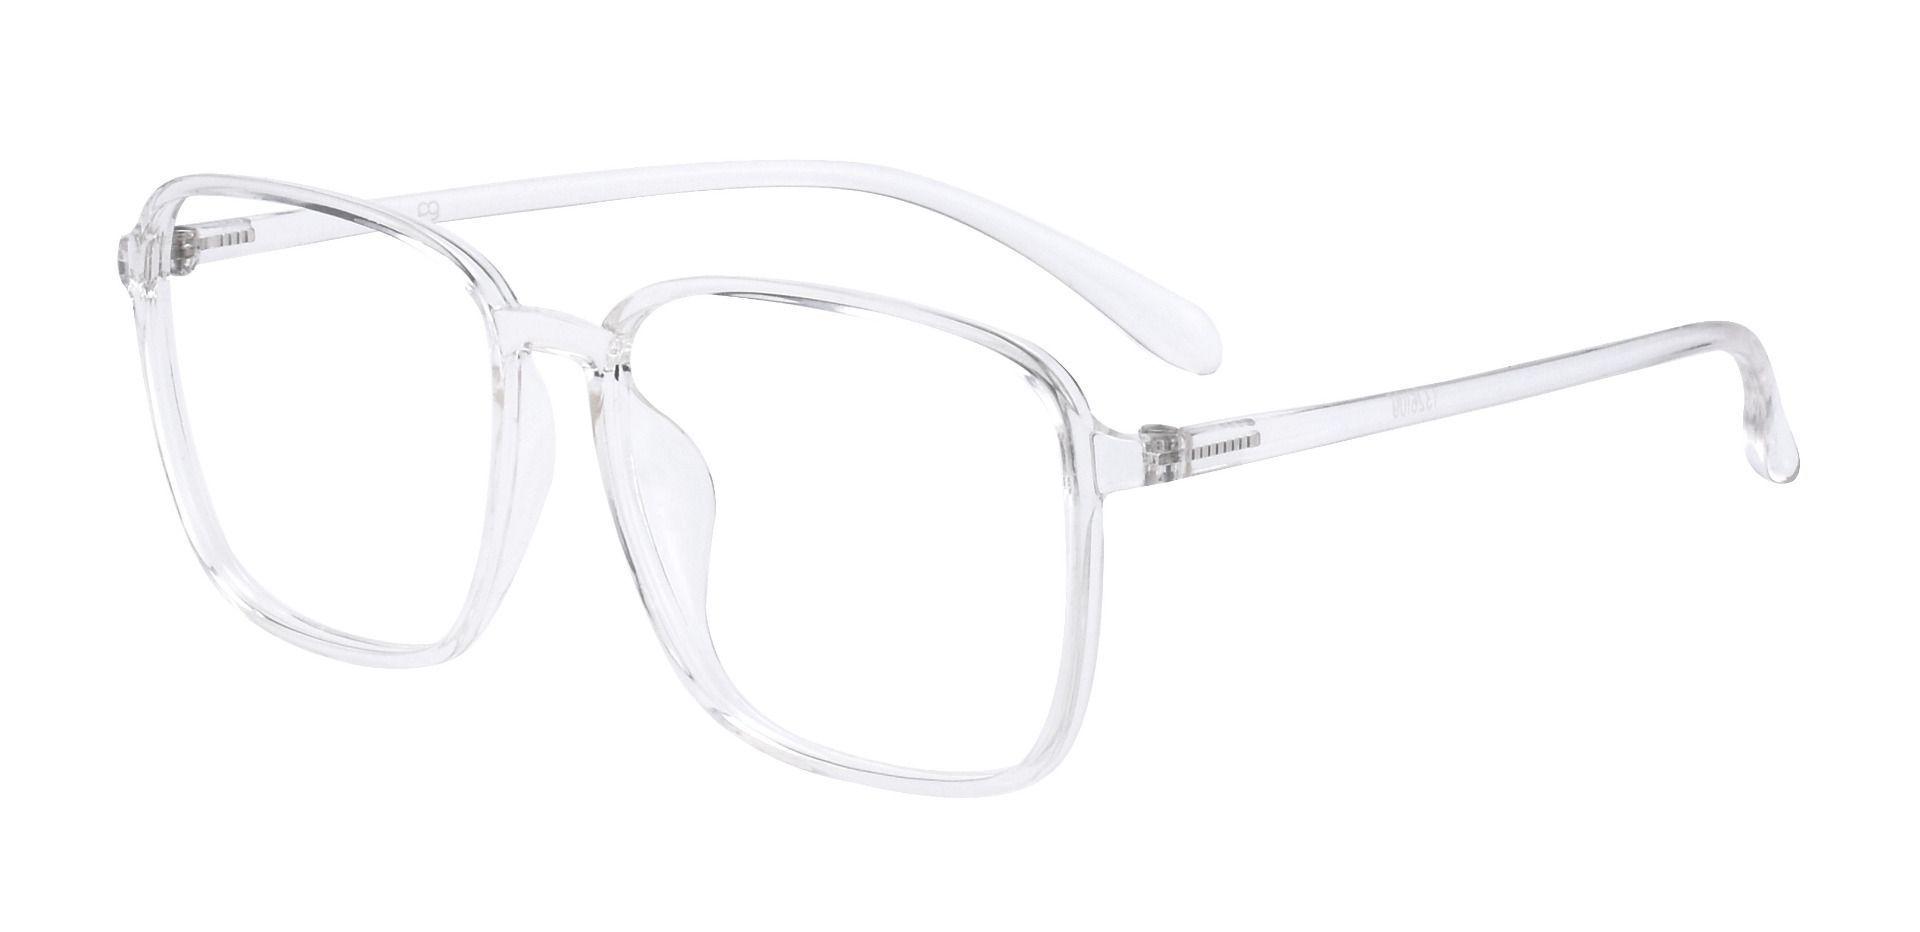 San Antonio Square Prescription Glasses - Gray